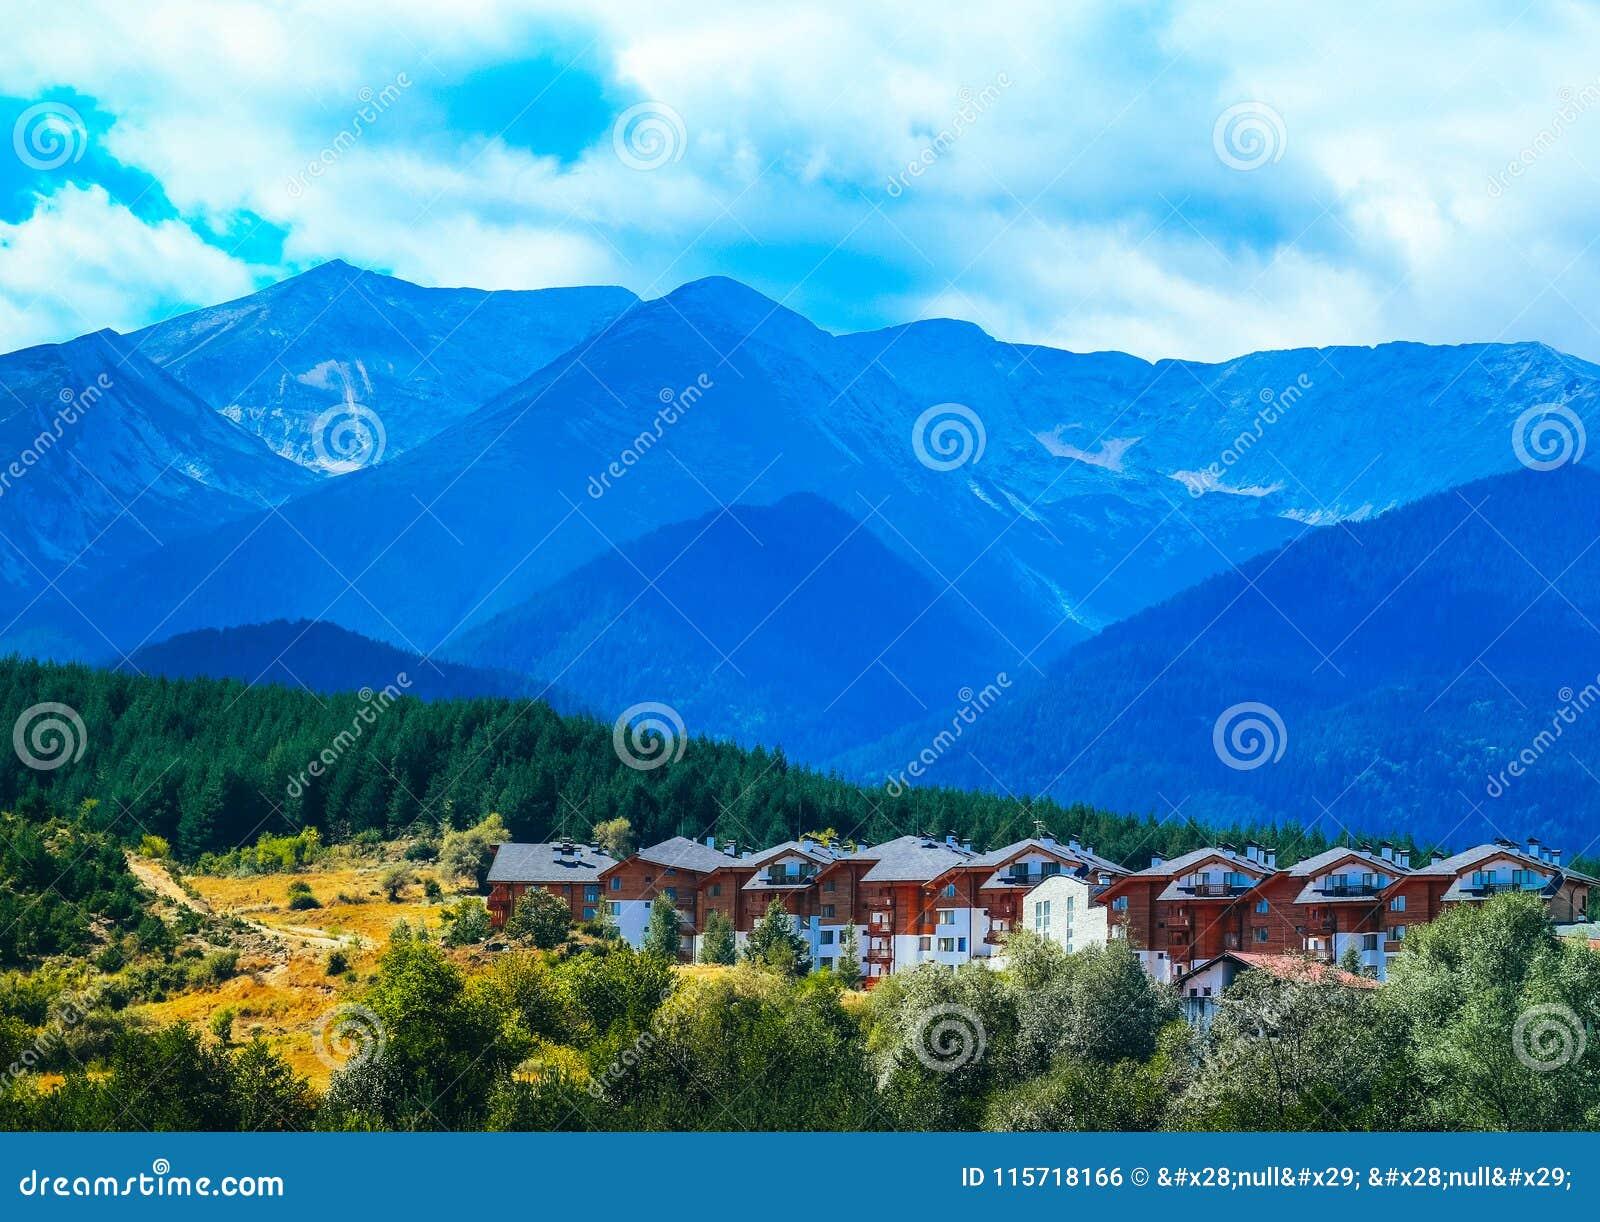 Foto die een mooi kleurrijk Bulgaars bergdorp afschilderen